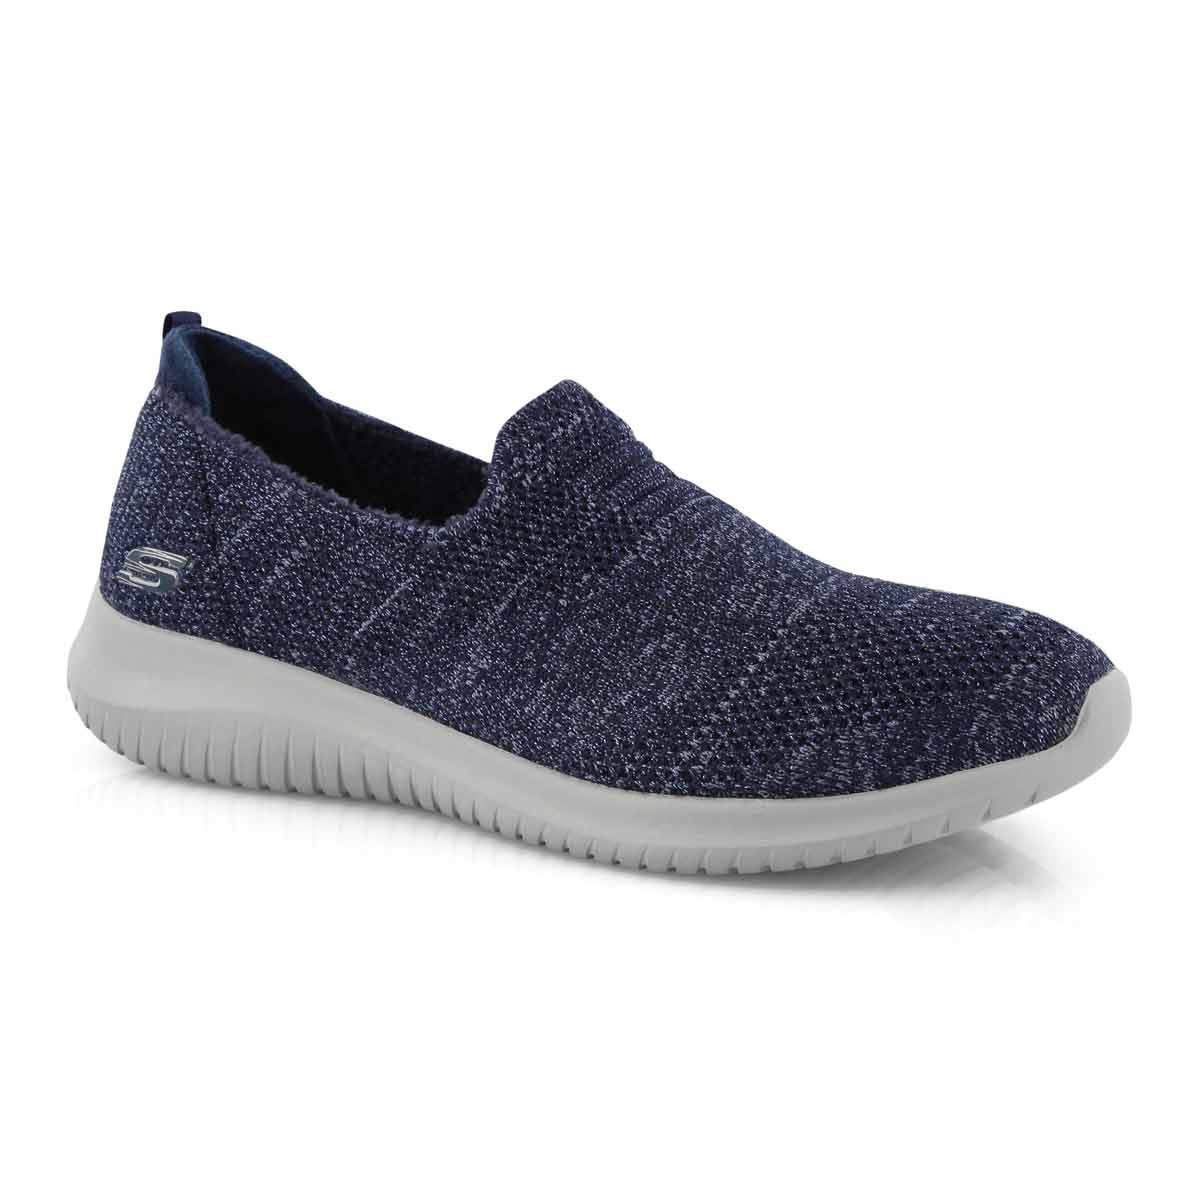 Women's ULTRA FLEX navy slip on sneakers